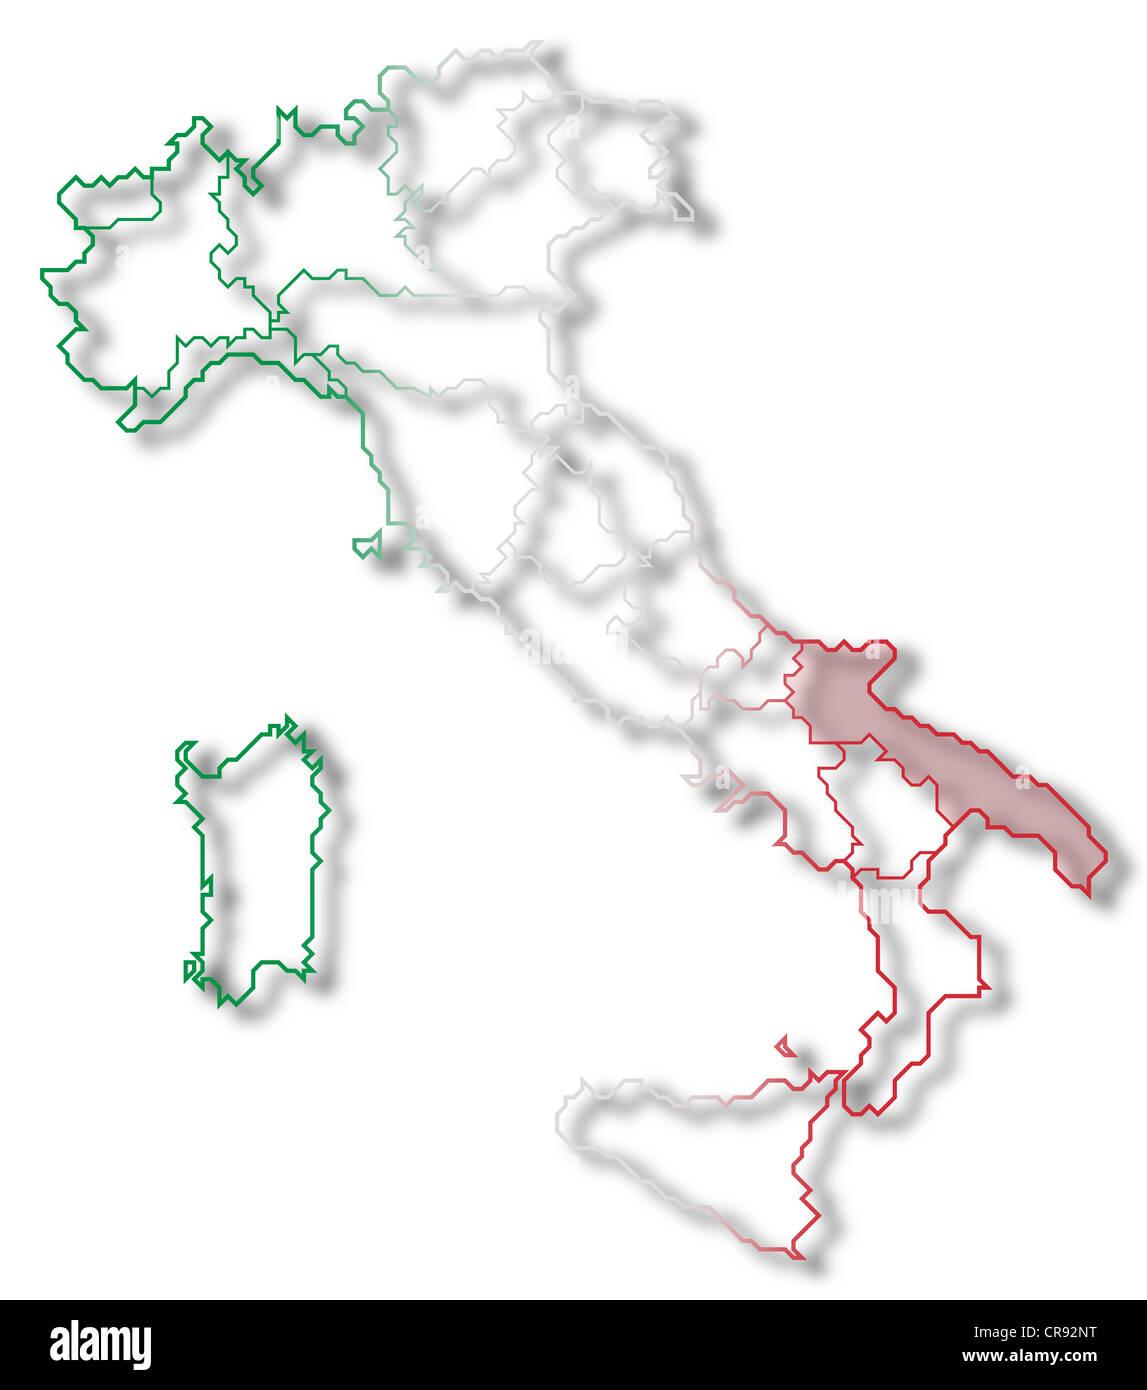 Apulia Italy Europe Map Stock Photos Apulia Italy Europe Map Stock